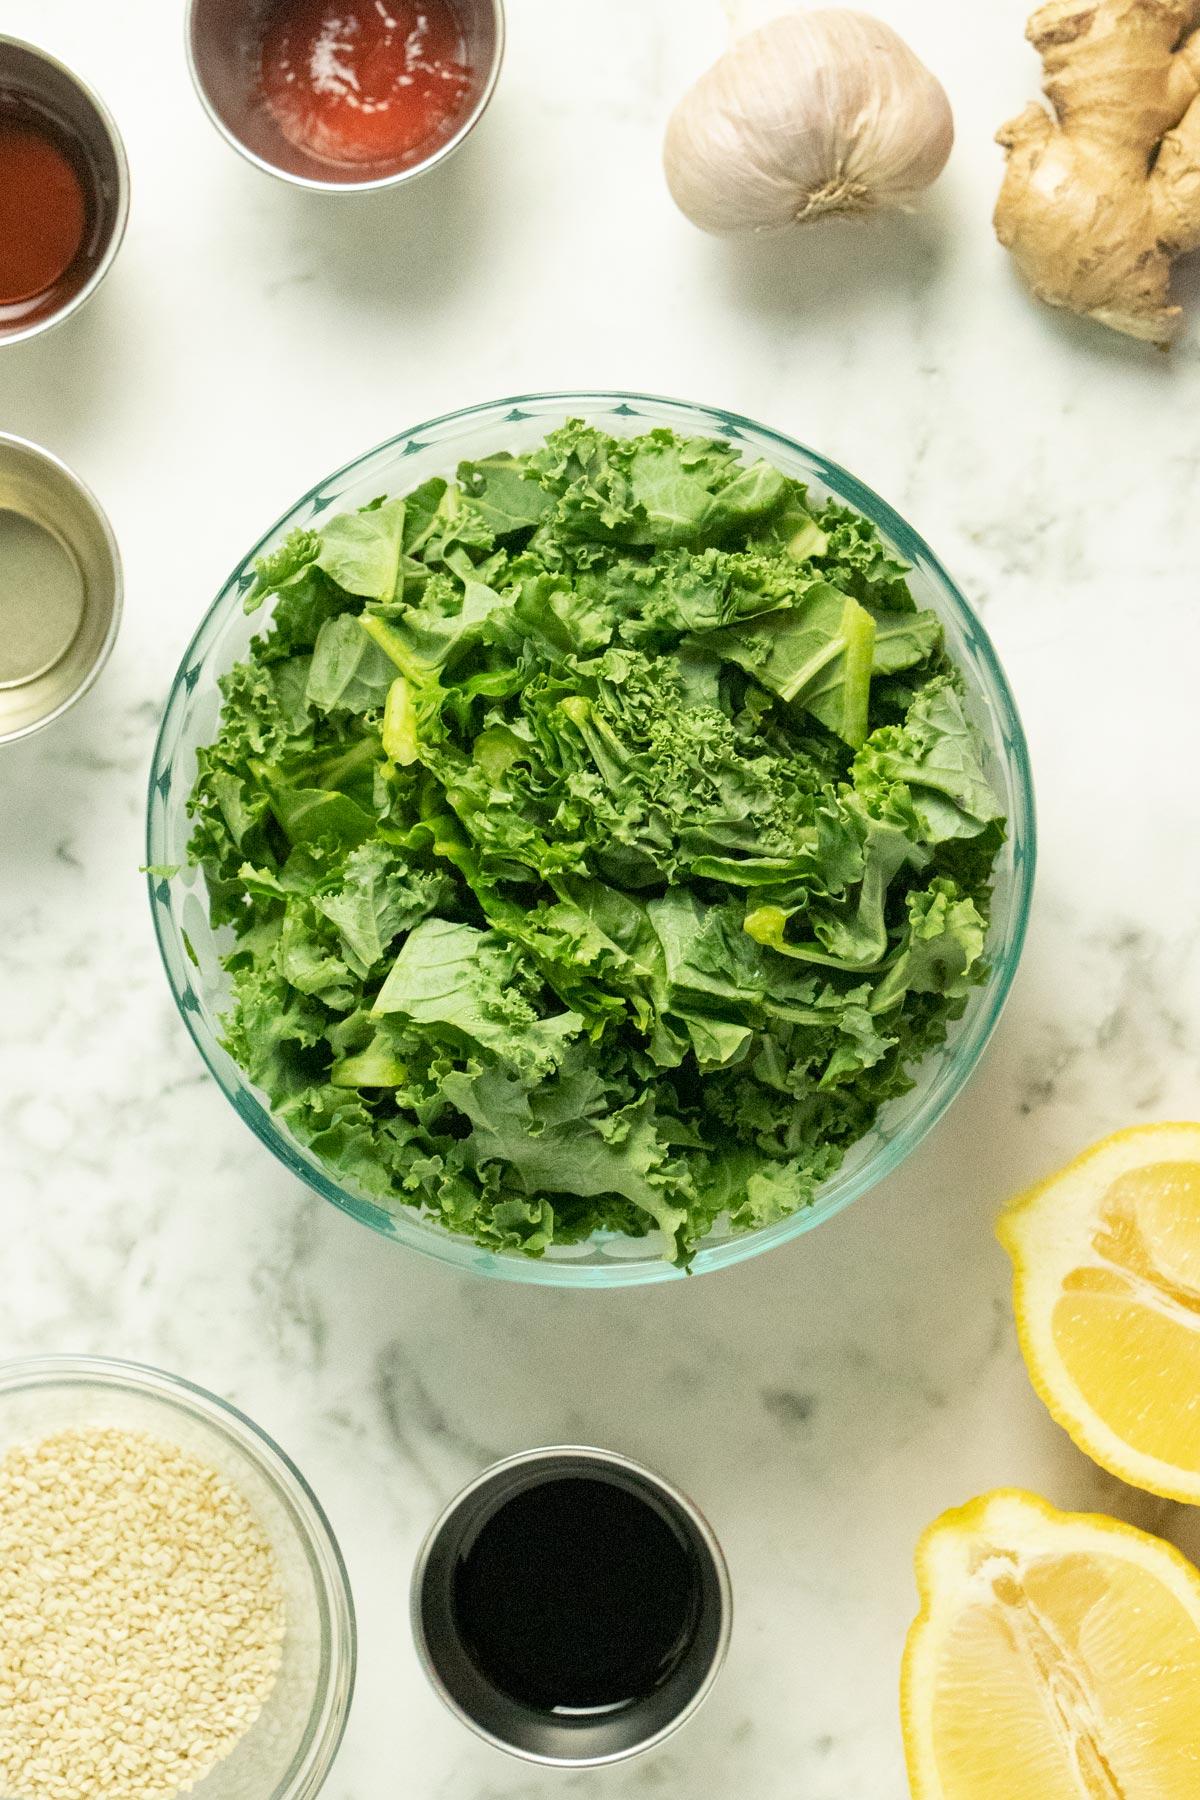 kale stir fry ingredients on a marble countertop